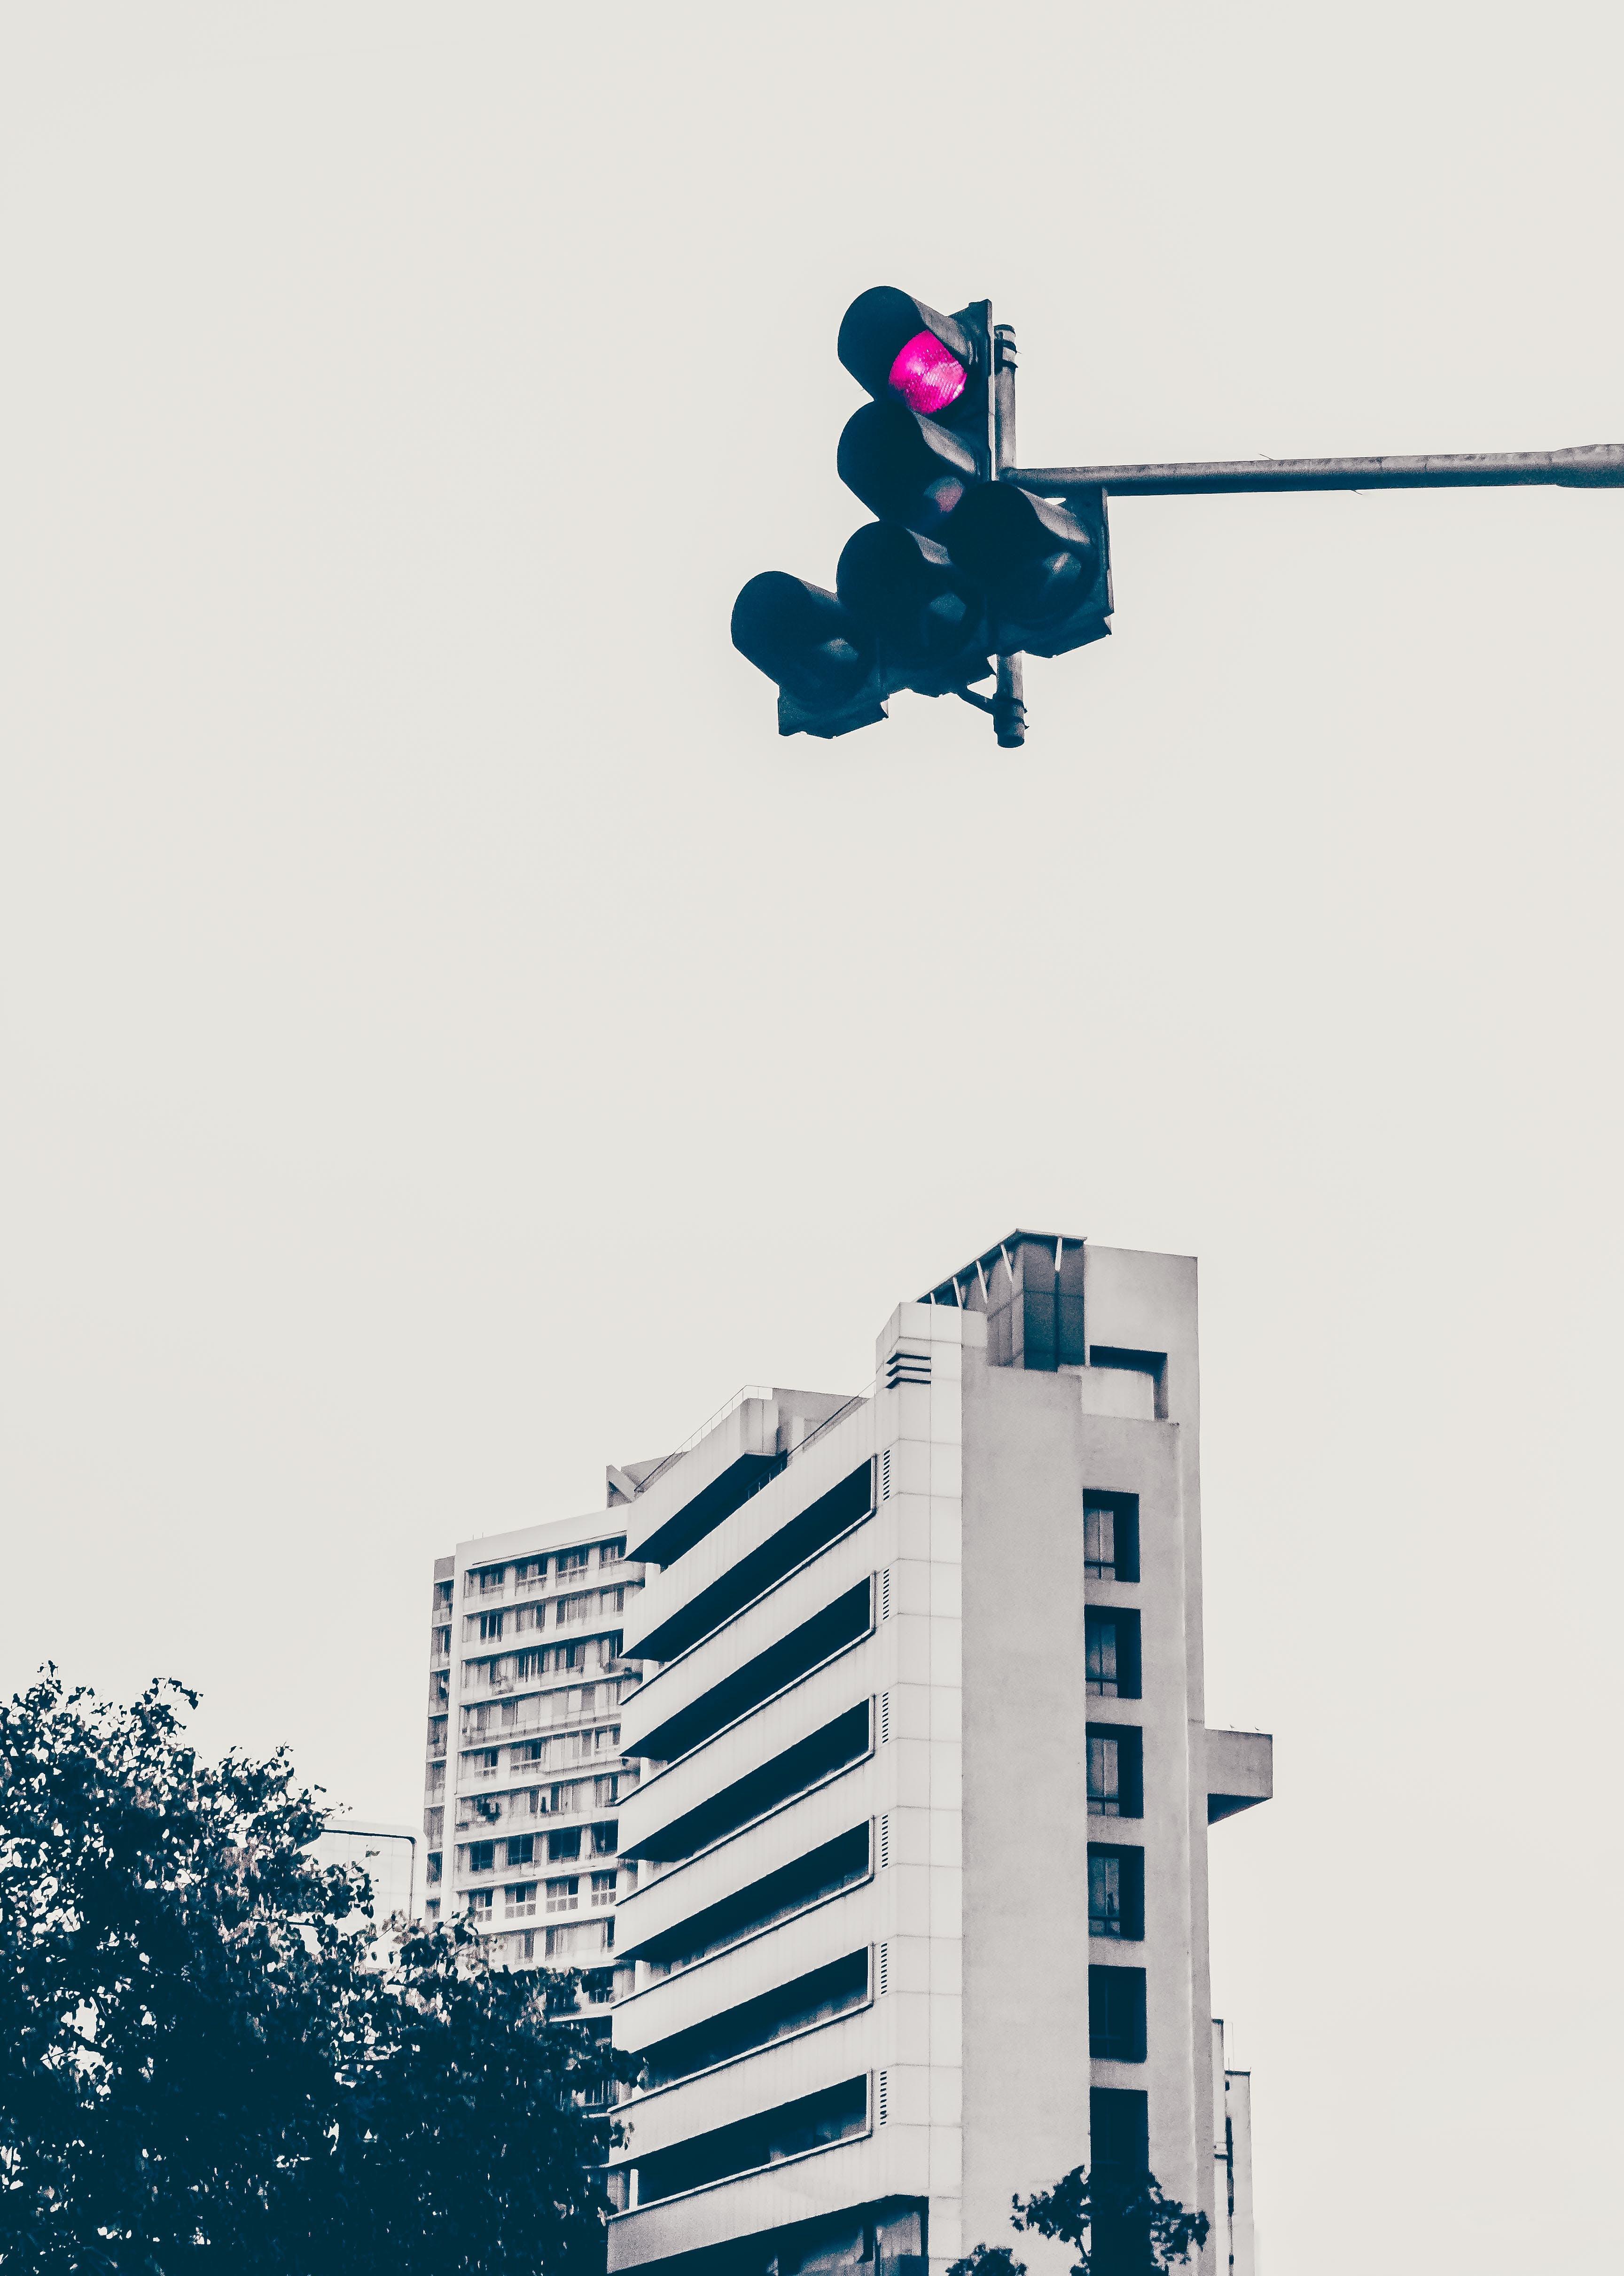 Kostenloses Stock Foto zu architekturdesign, asiatische architektur, fotografie, lichtsignal